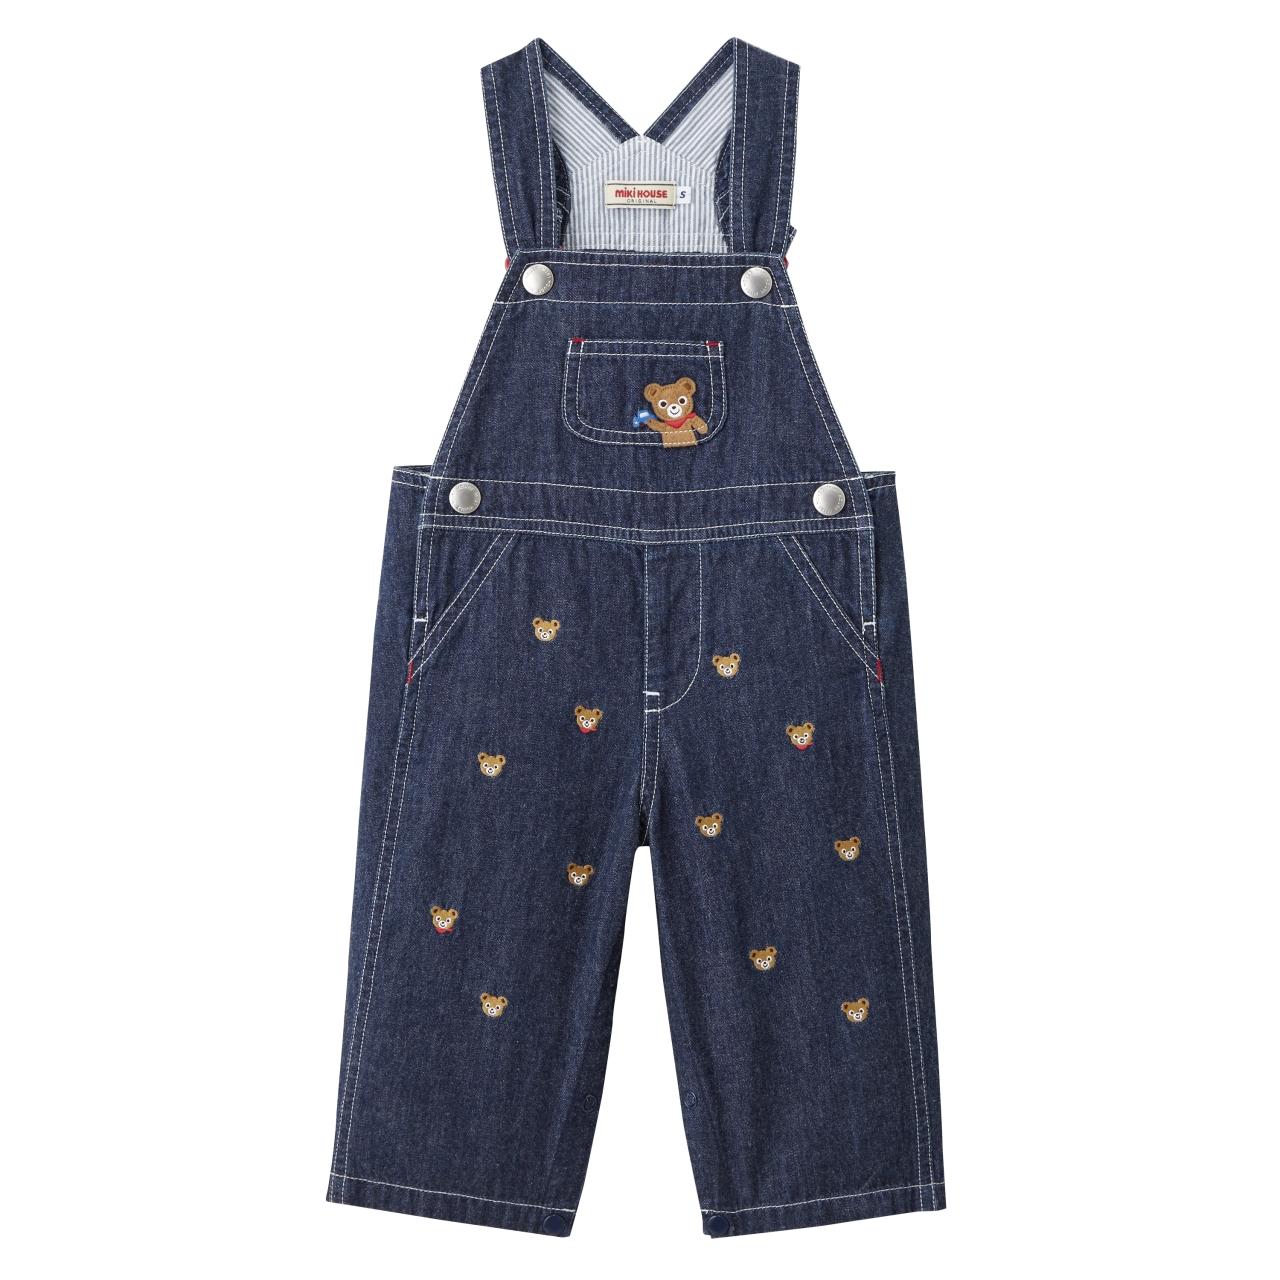 日本制MIKIHOUSE小熊牛仔刺绣开裆背带裤 S码